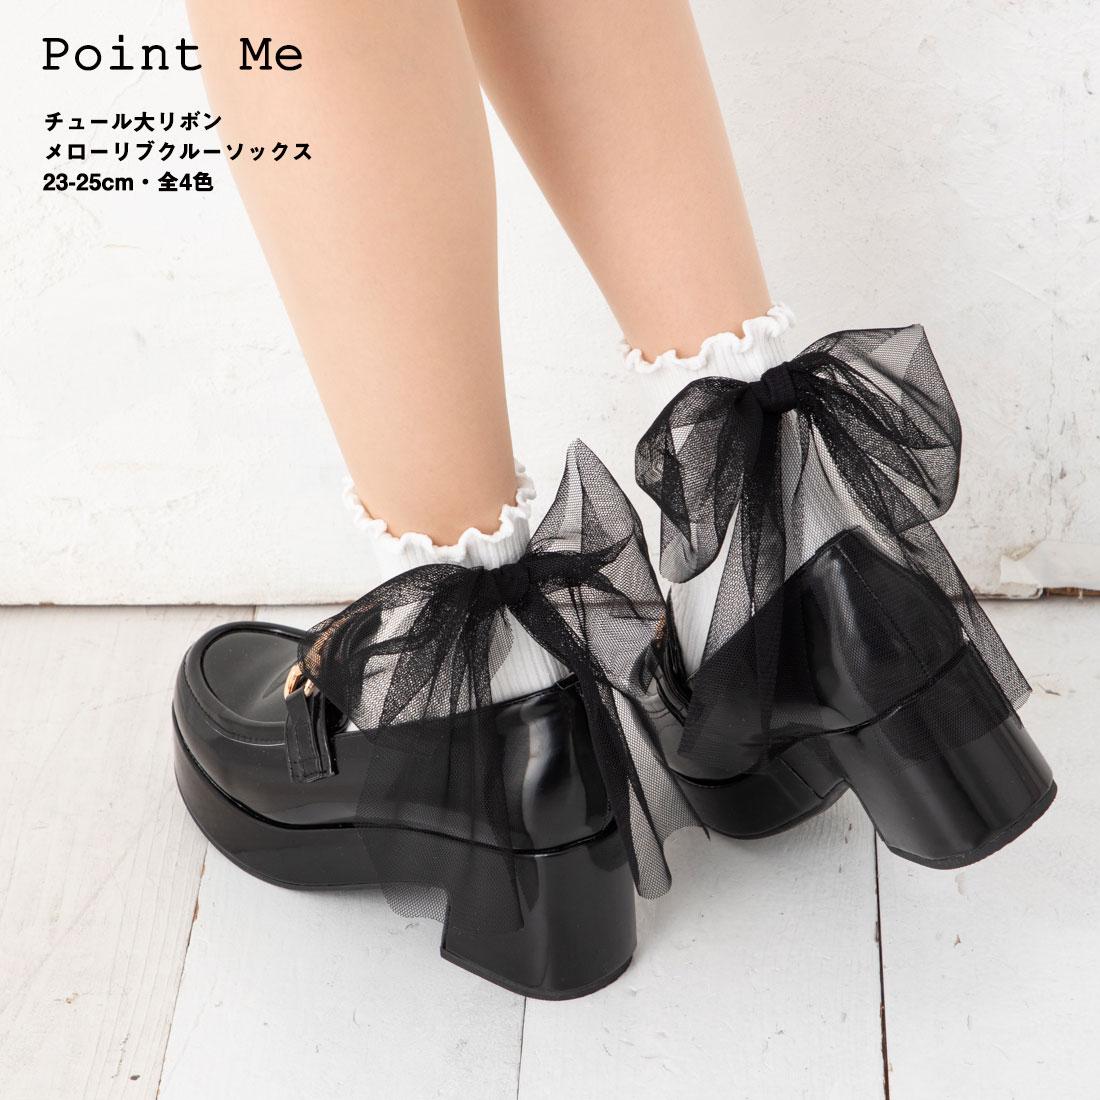 靴下・レッグウェア, 靴下 Point Me 4 23-25cm